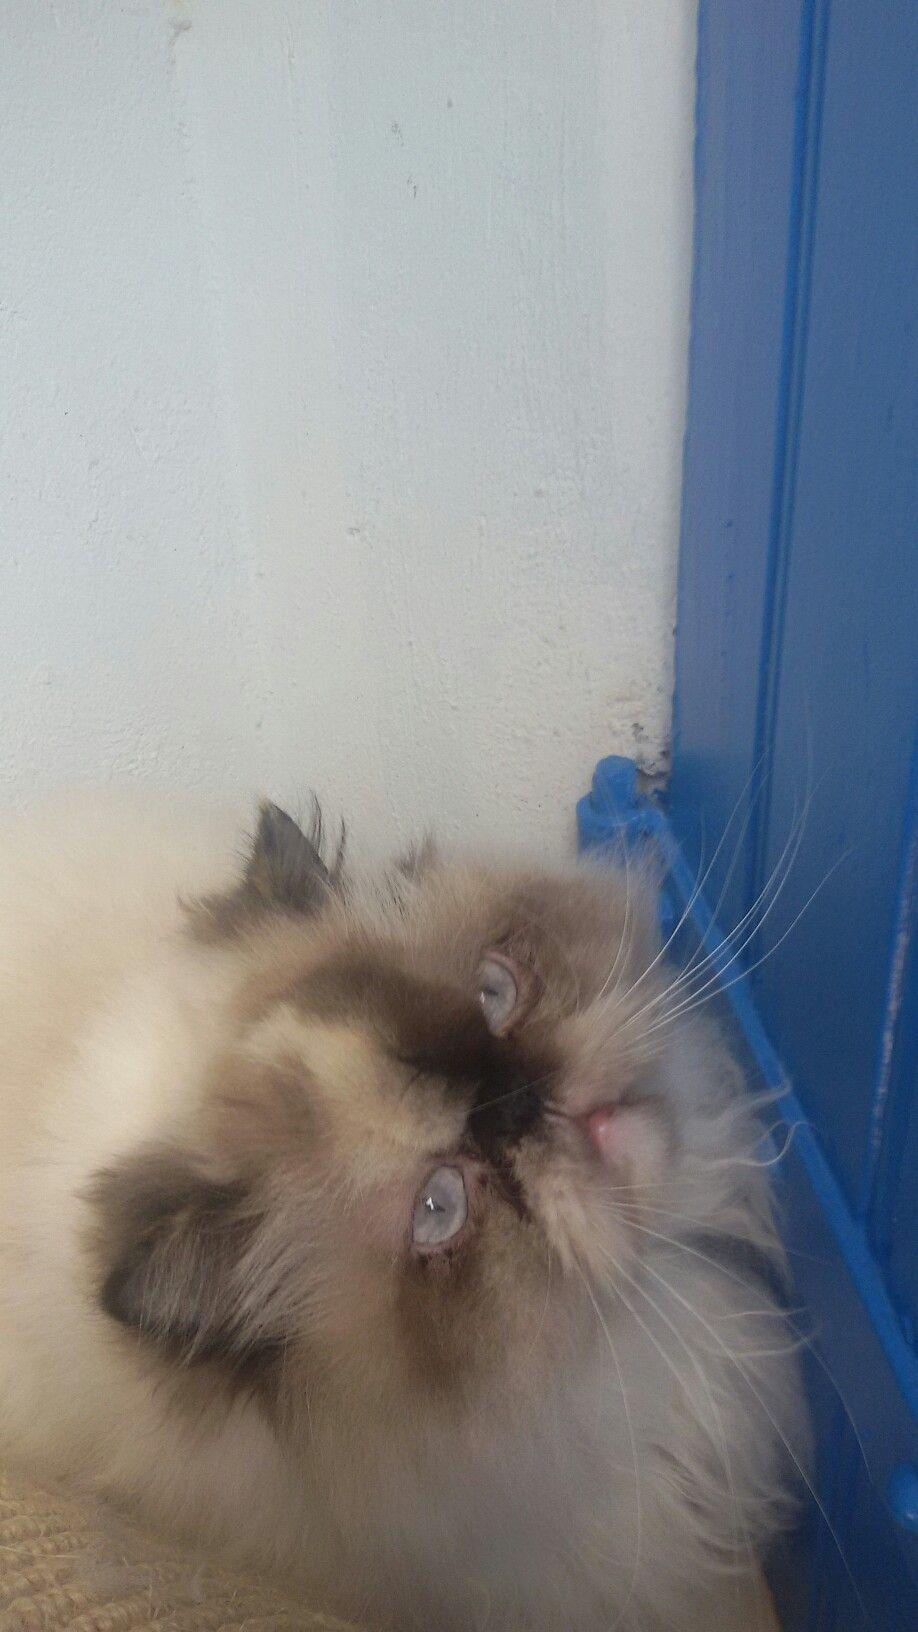 Épinglé par GERI OAKLEY sur CATS THE LOVE OF MY LIFE! Chat